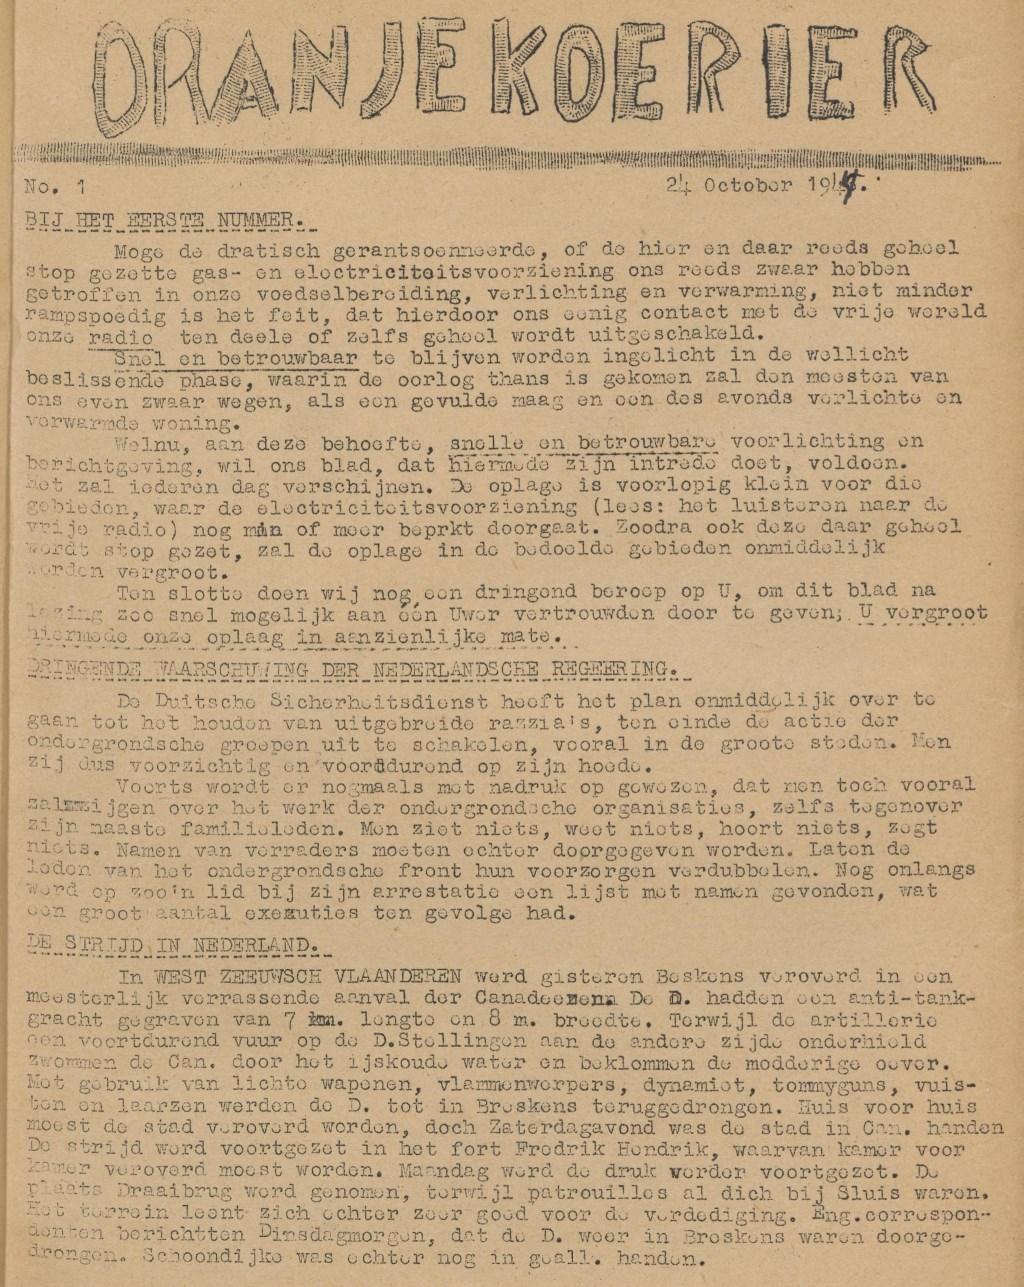 De eerste pagina van de eerste Oranjekoerier van 24 oktober 1944. | Foto: Delpher.nl